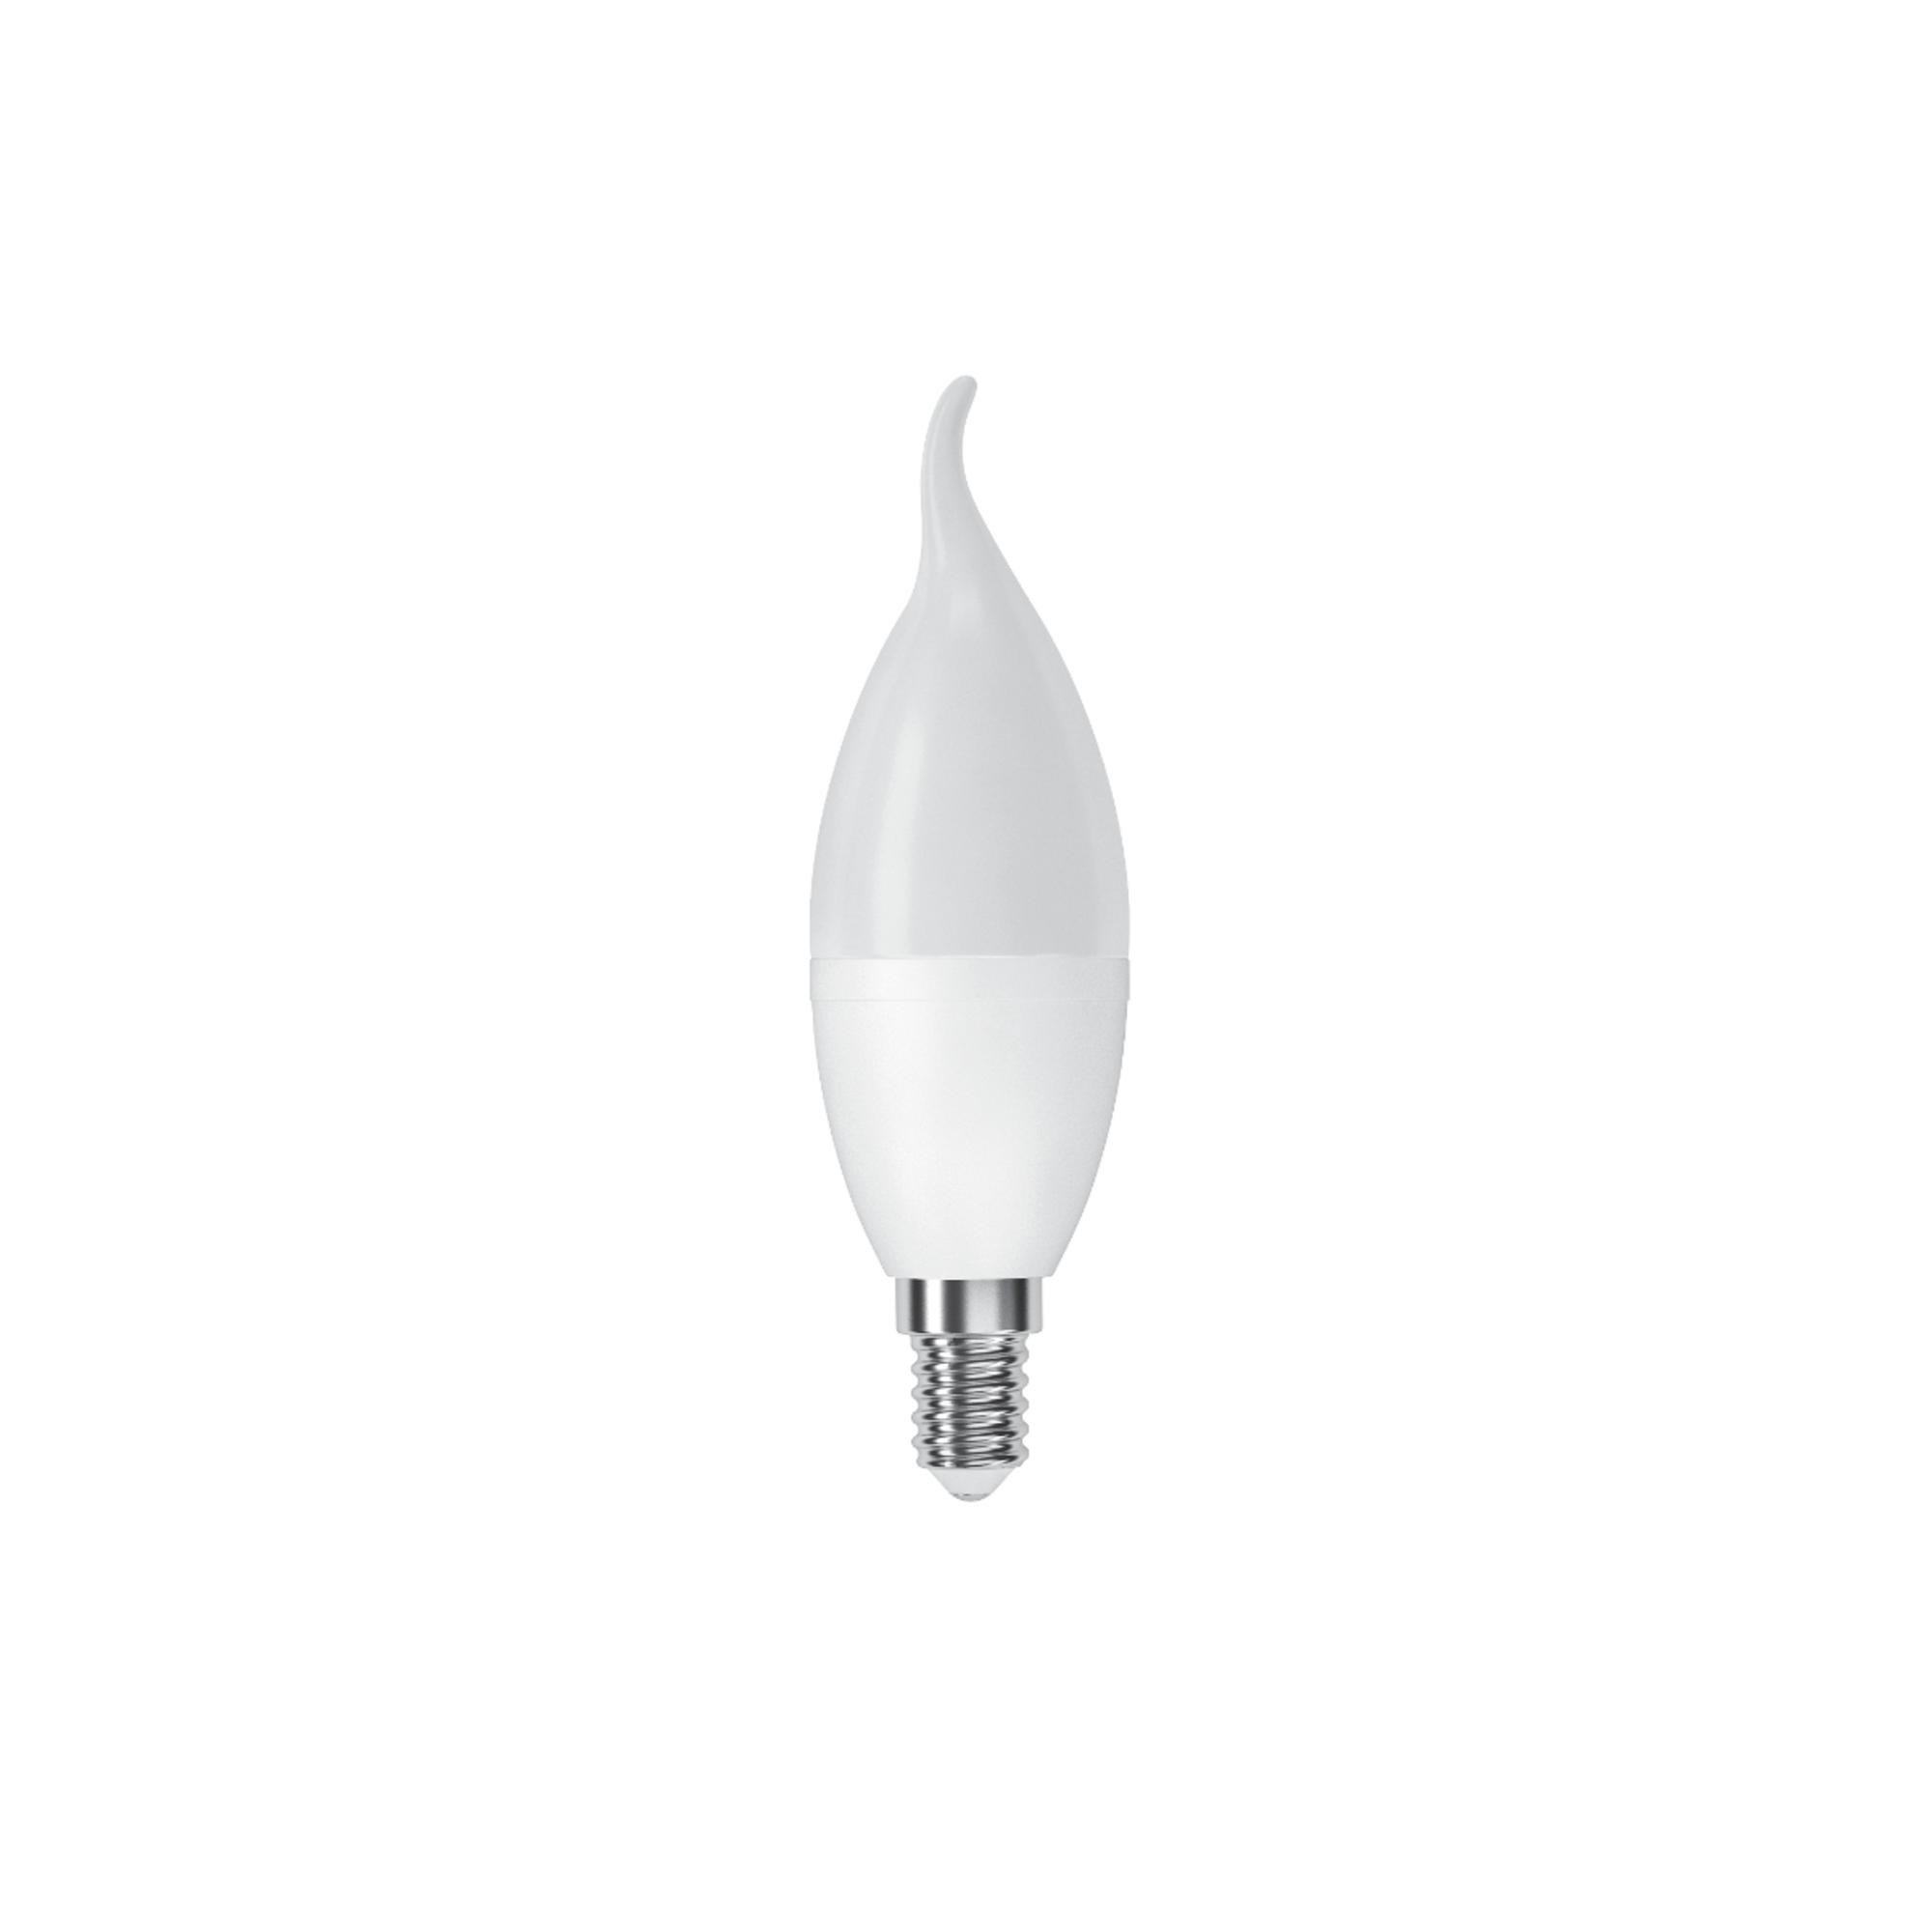 Светодиодная лампочка Фотон 22828 E14 545 Лм 6 Вт